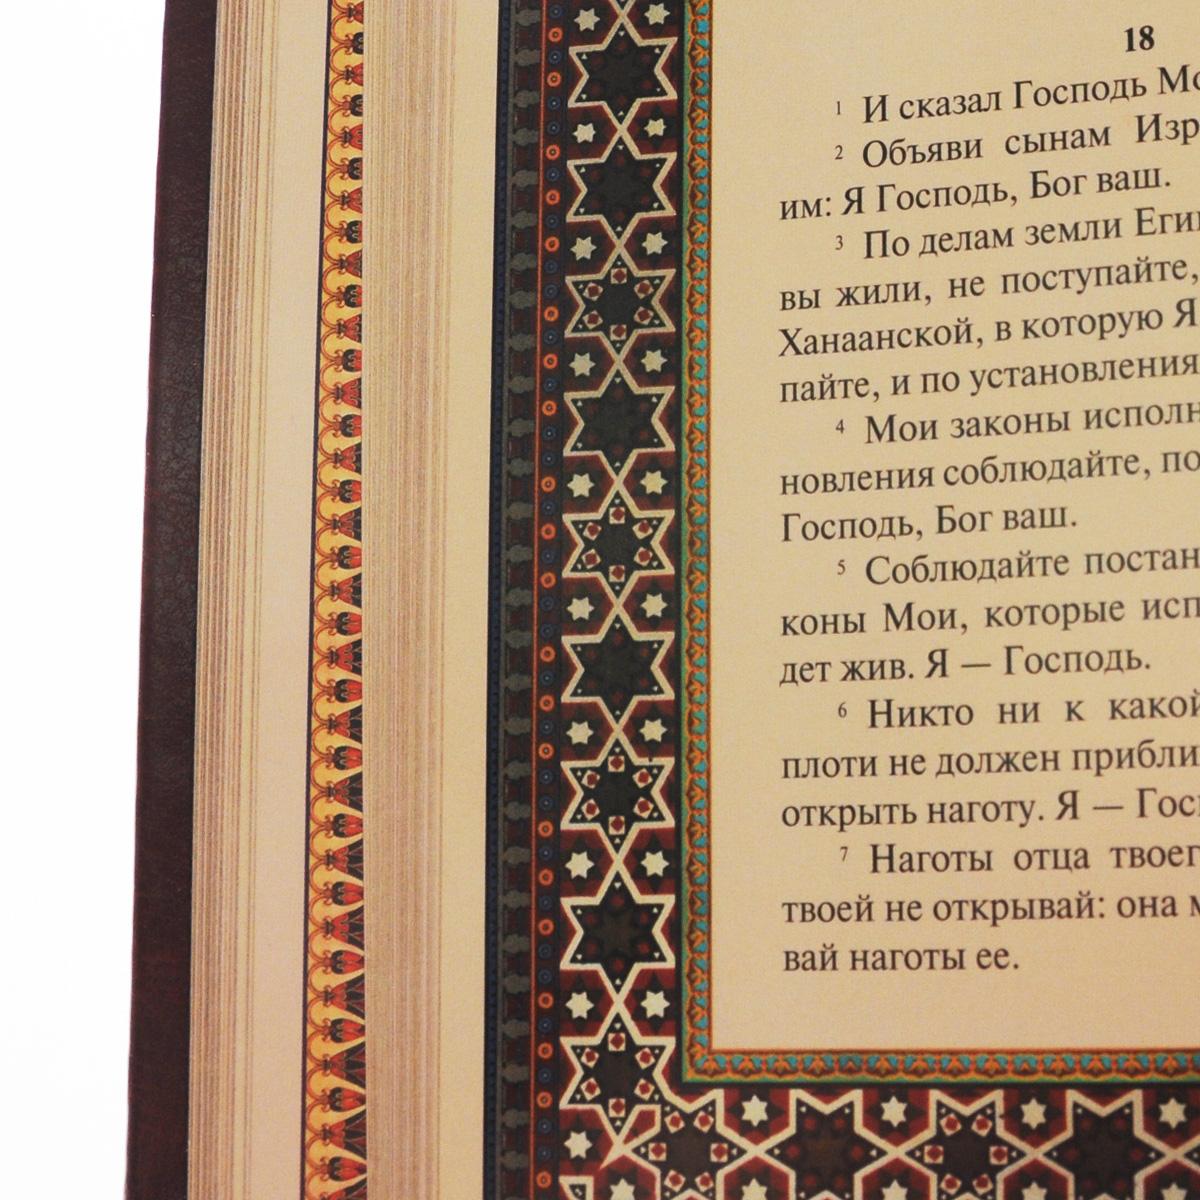 Иллюстрированная Библия. Пятикнижие Моисея (подарочное издание)